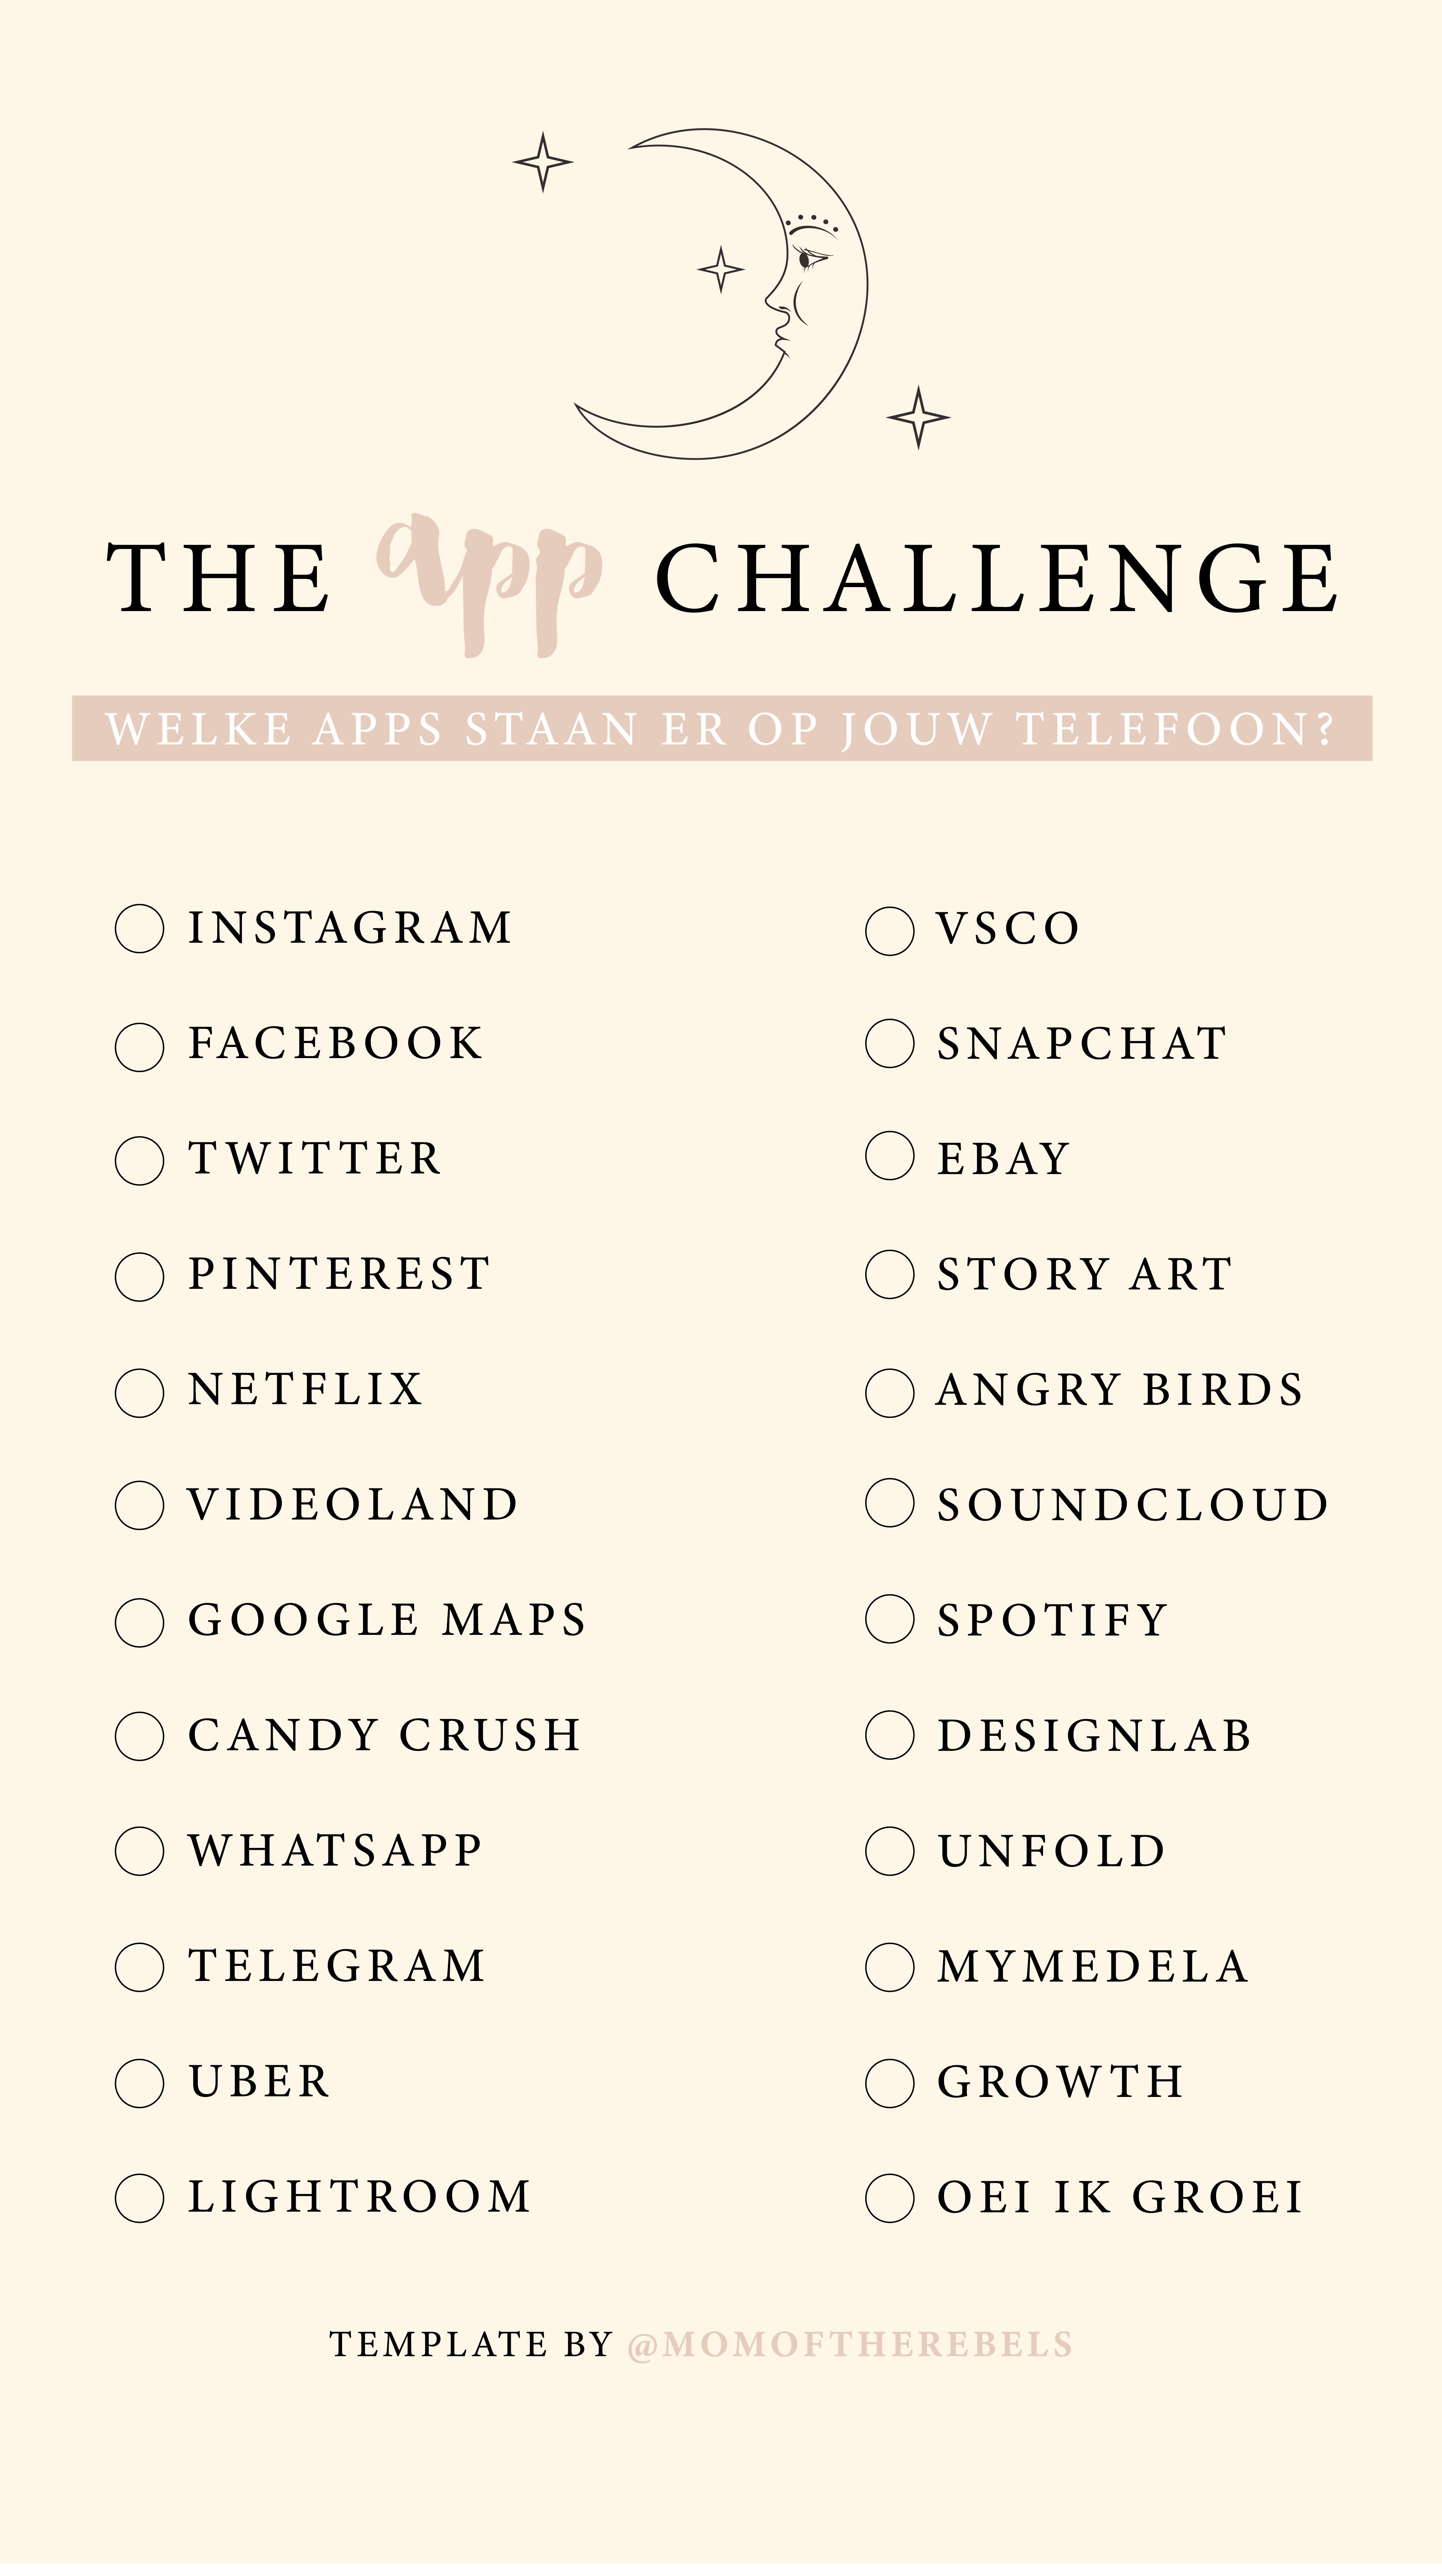 App Challenge Template Instagram Jenis Huruf Tulisan Teks Lucu Kata Kata Indah